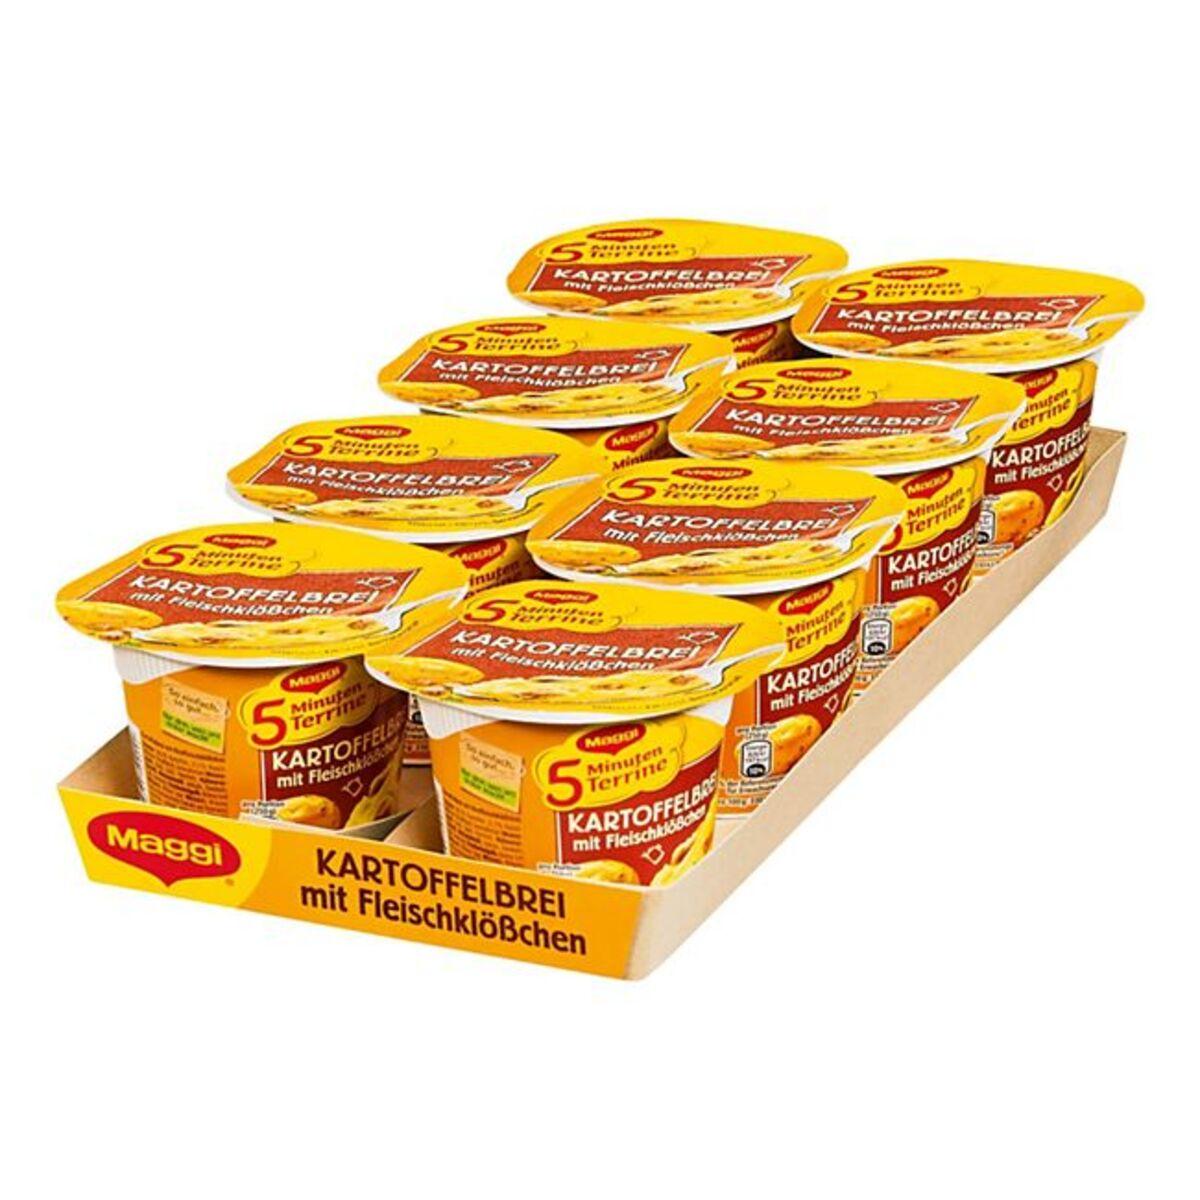 Bild 1 von Maggi 5 Minuten Terrine Kartoffelbrei mit Fleischklößchen 46 g, 8er Pack